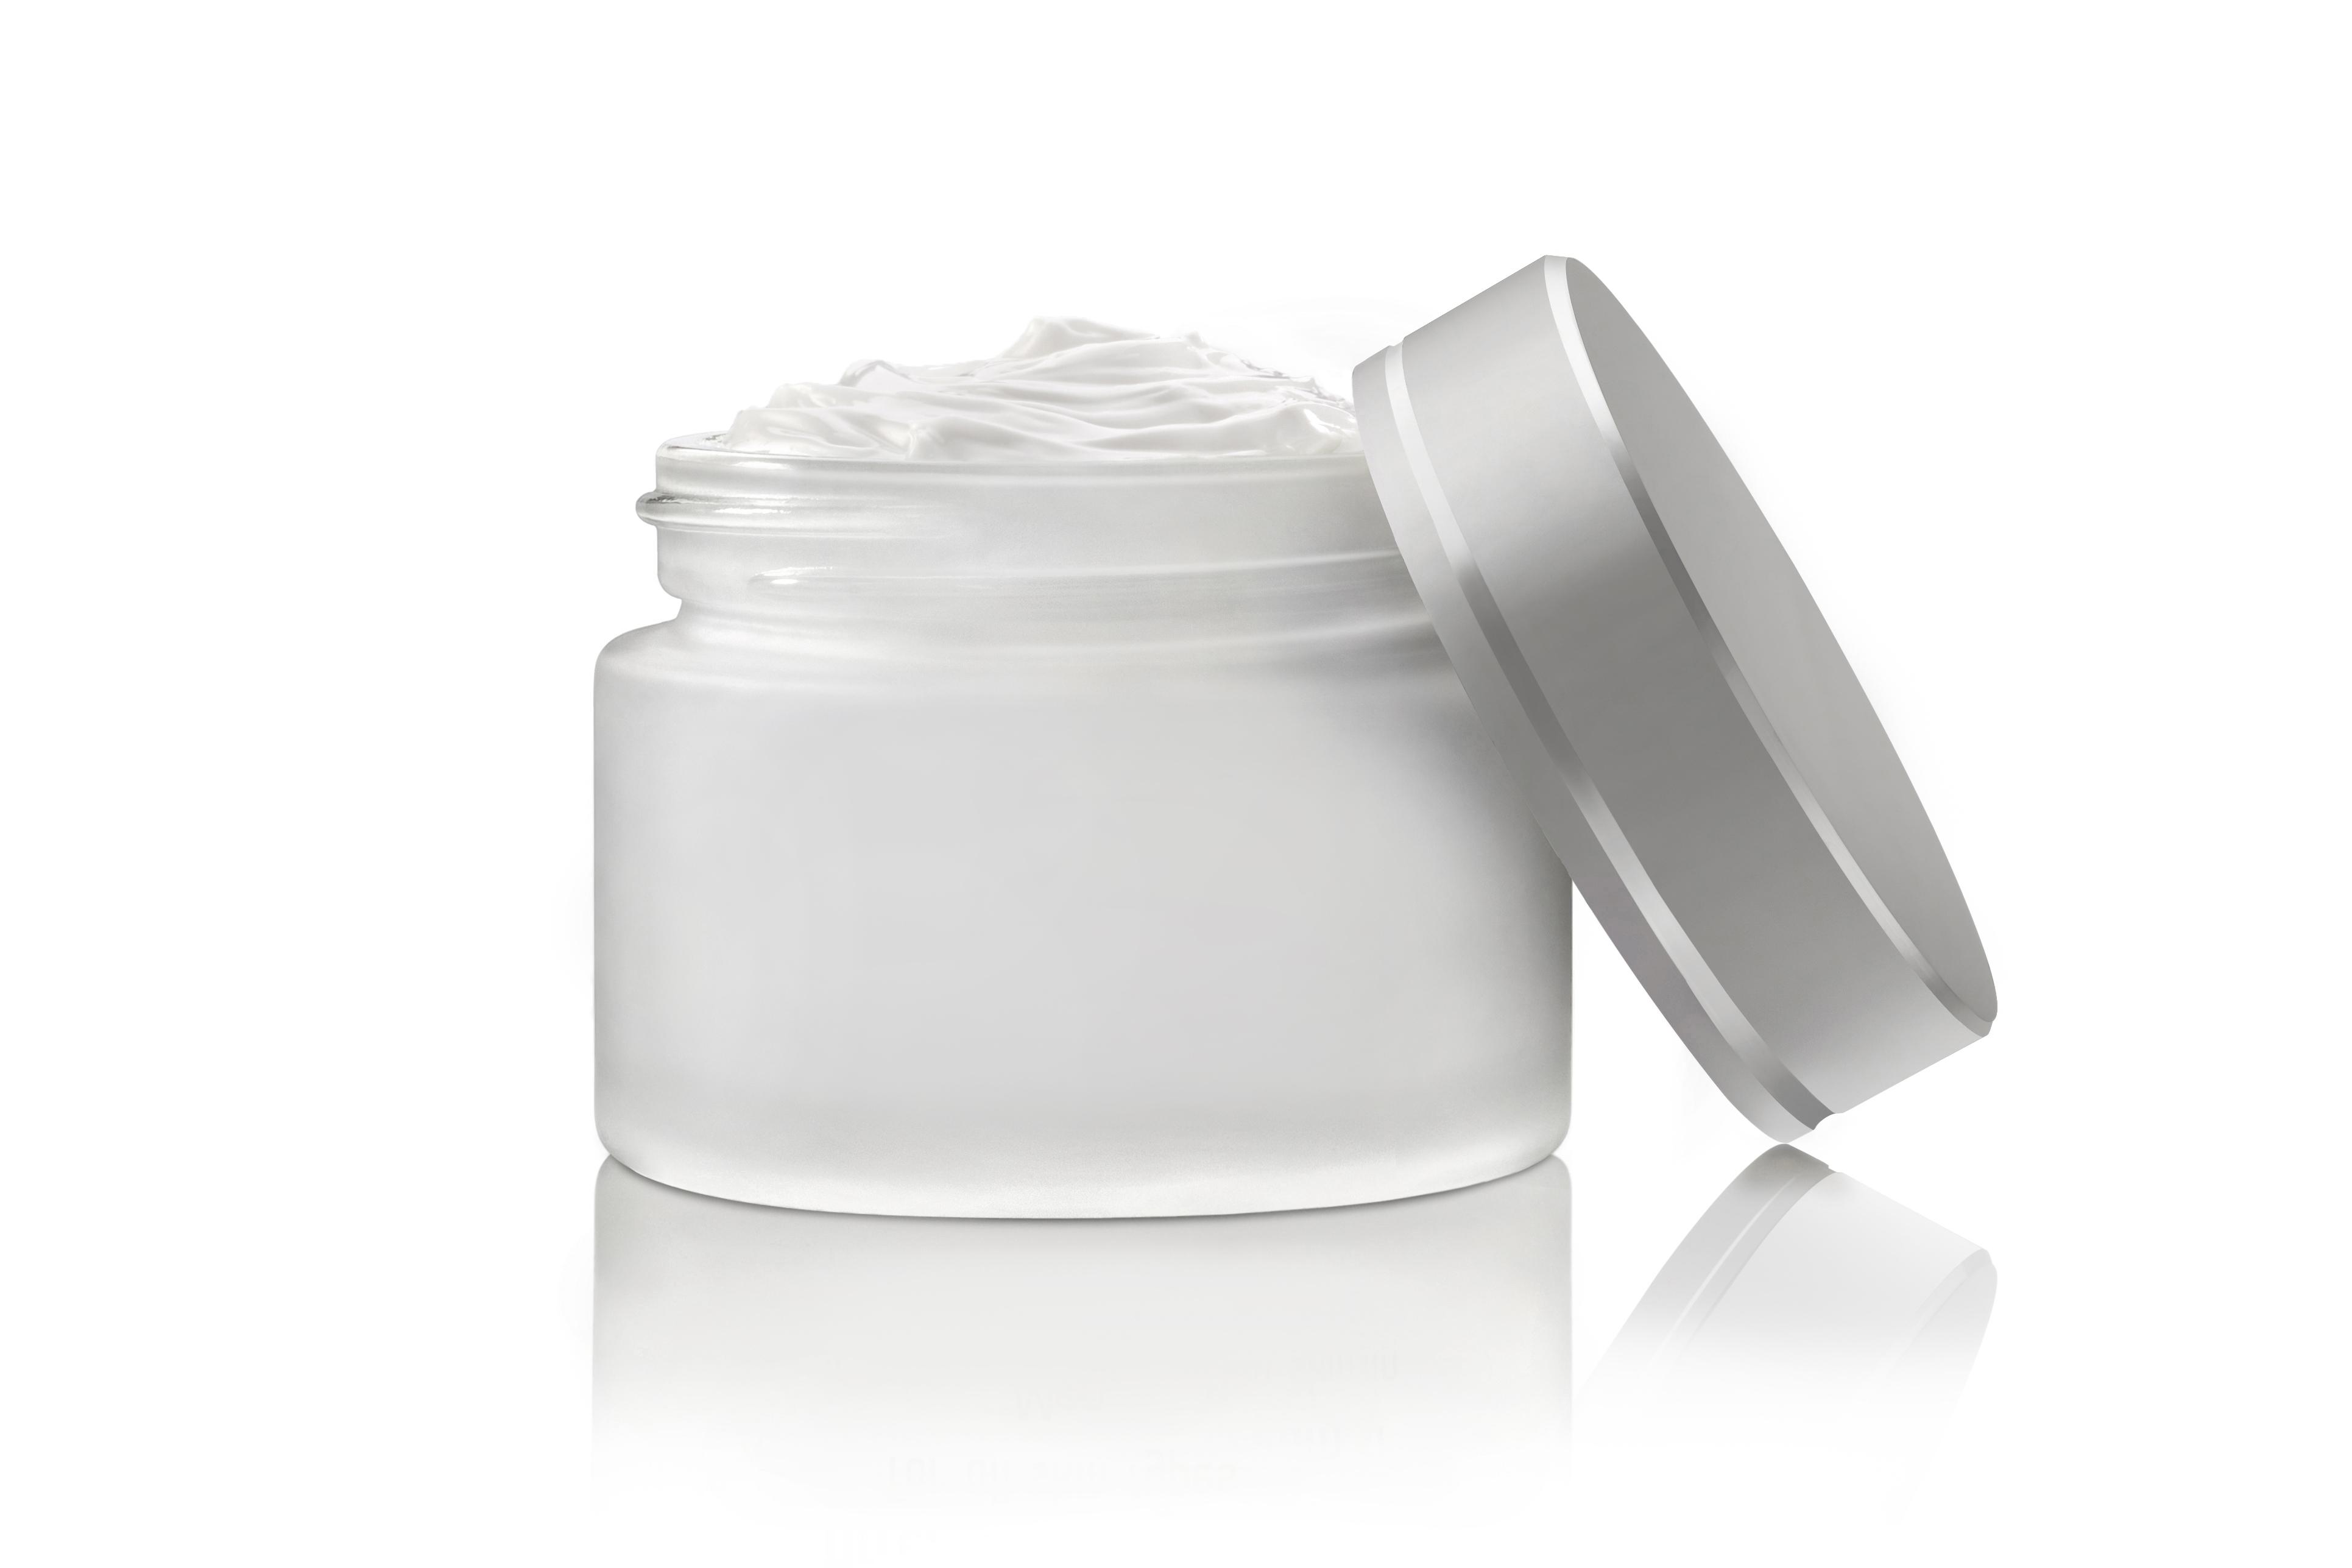 luxury Cosmetic face cream container